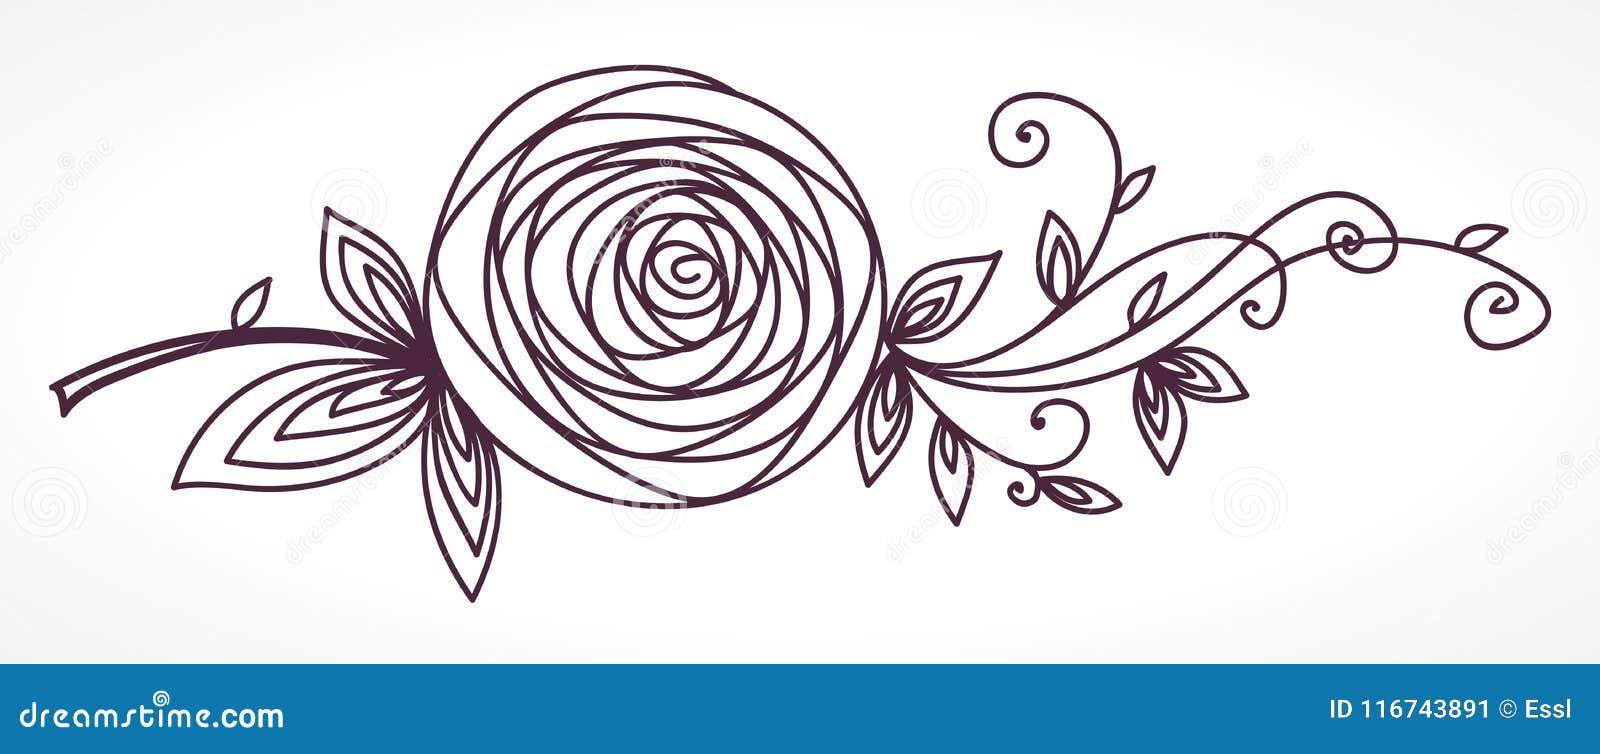 Rose Dessin Stylise De Main De Fleur Illustration De Vecteur